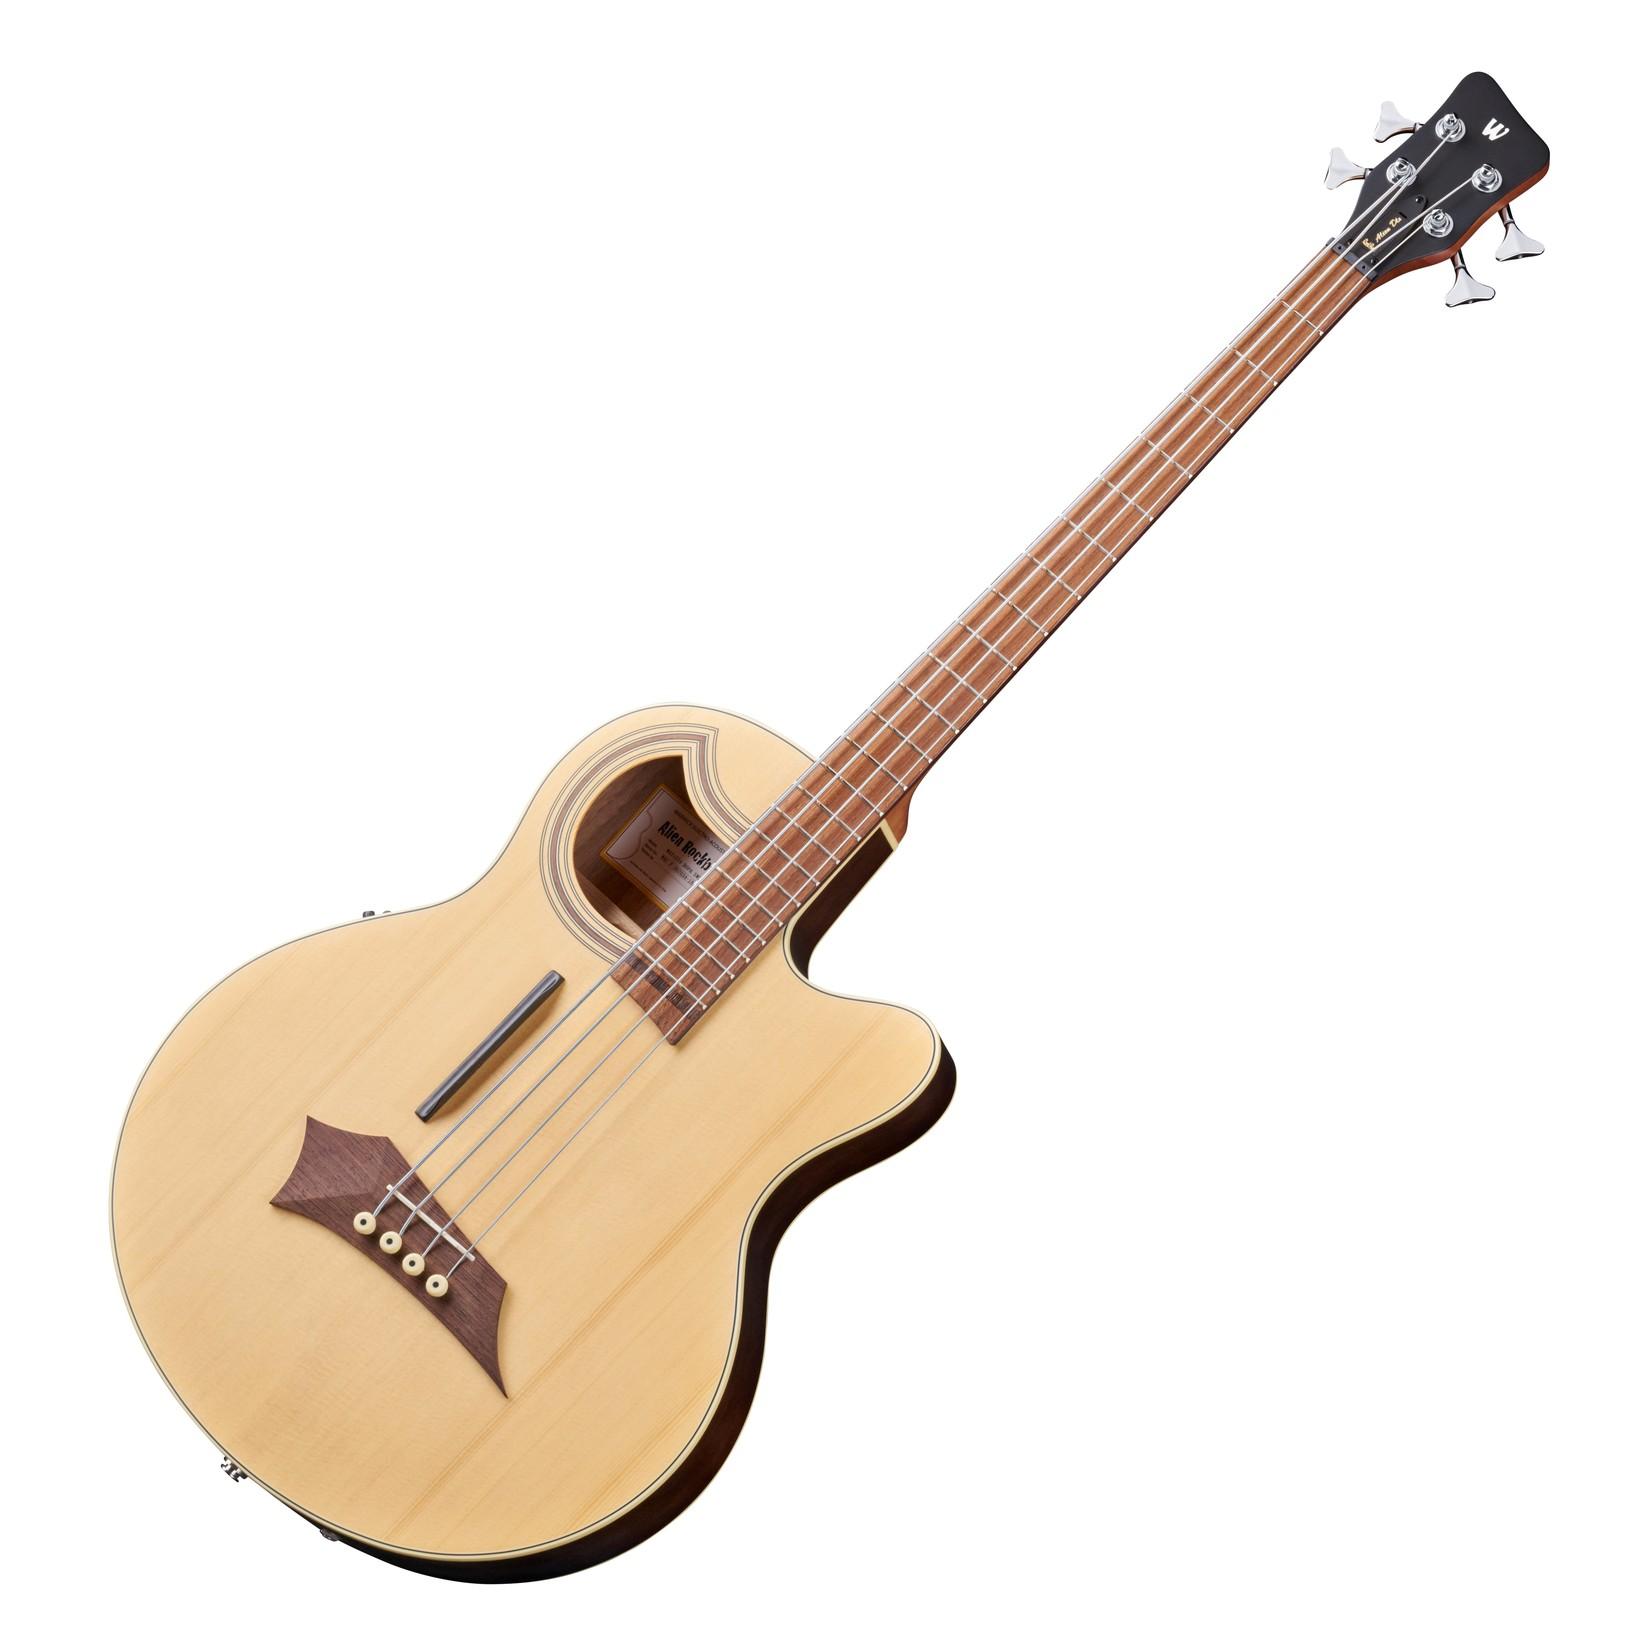 Warwick Warwick Rockbass Alien Deluxe Hybrid Thinline 4-String Acoustic Bass Guitar